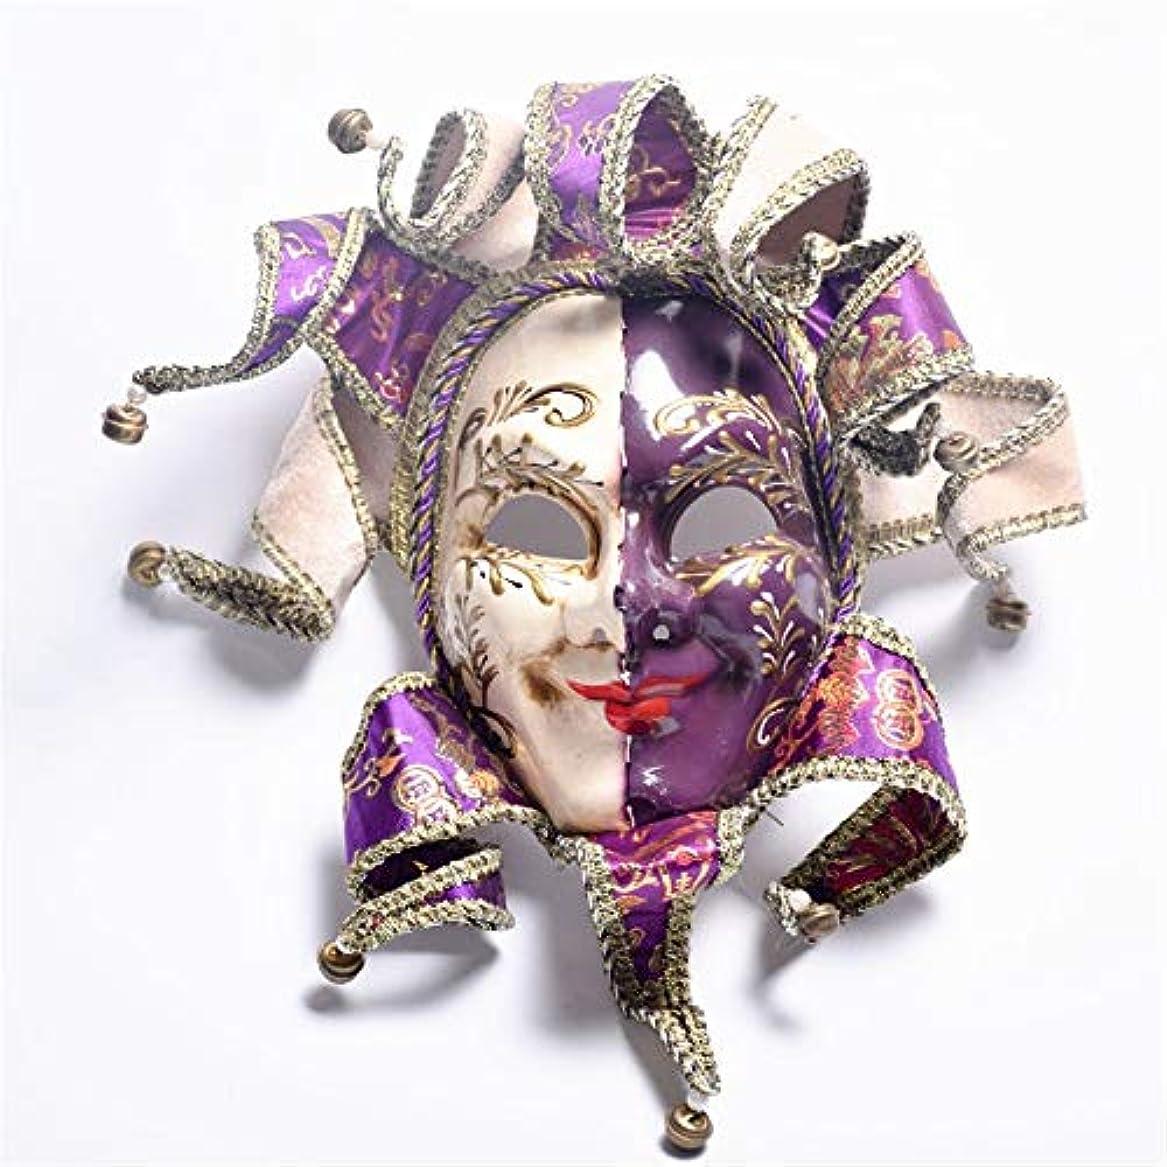 薬用幻滅クローンダンスマスク 塗装フルフェイスパフォーマンス小道具ハロウィンパーティー仮装祭りロールプレイナイトクラブパーティープラスチックマスク ホリデーパーティー用品 (色 : 紫の, サイズ : 50x36cm)